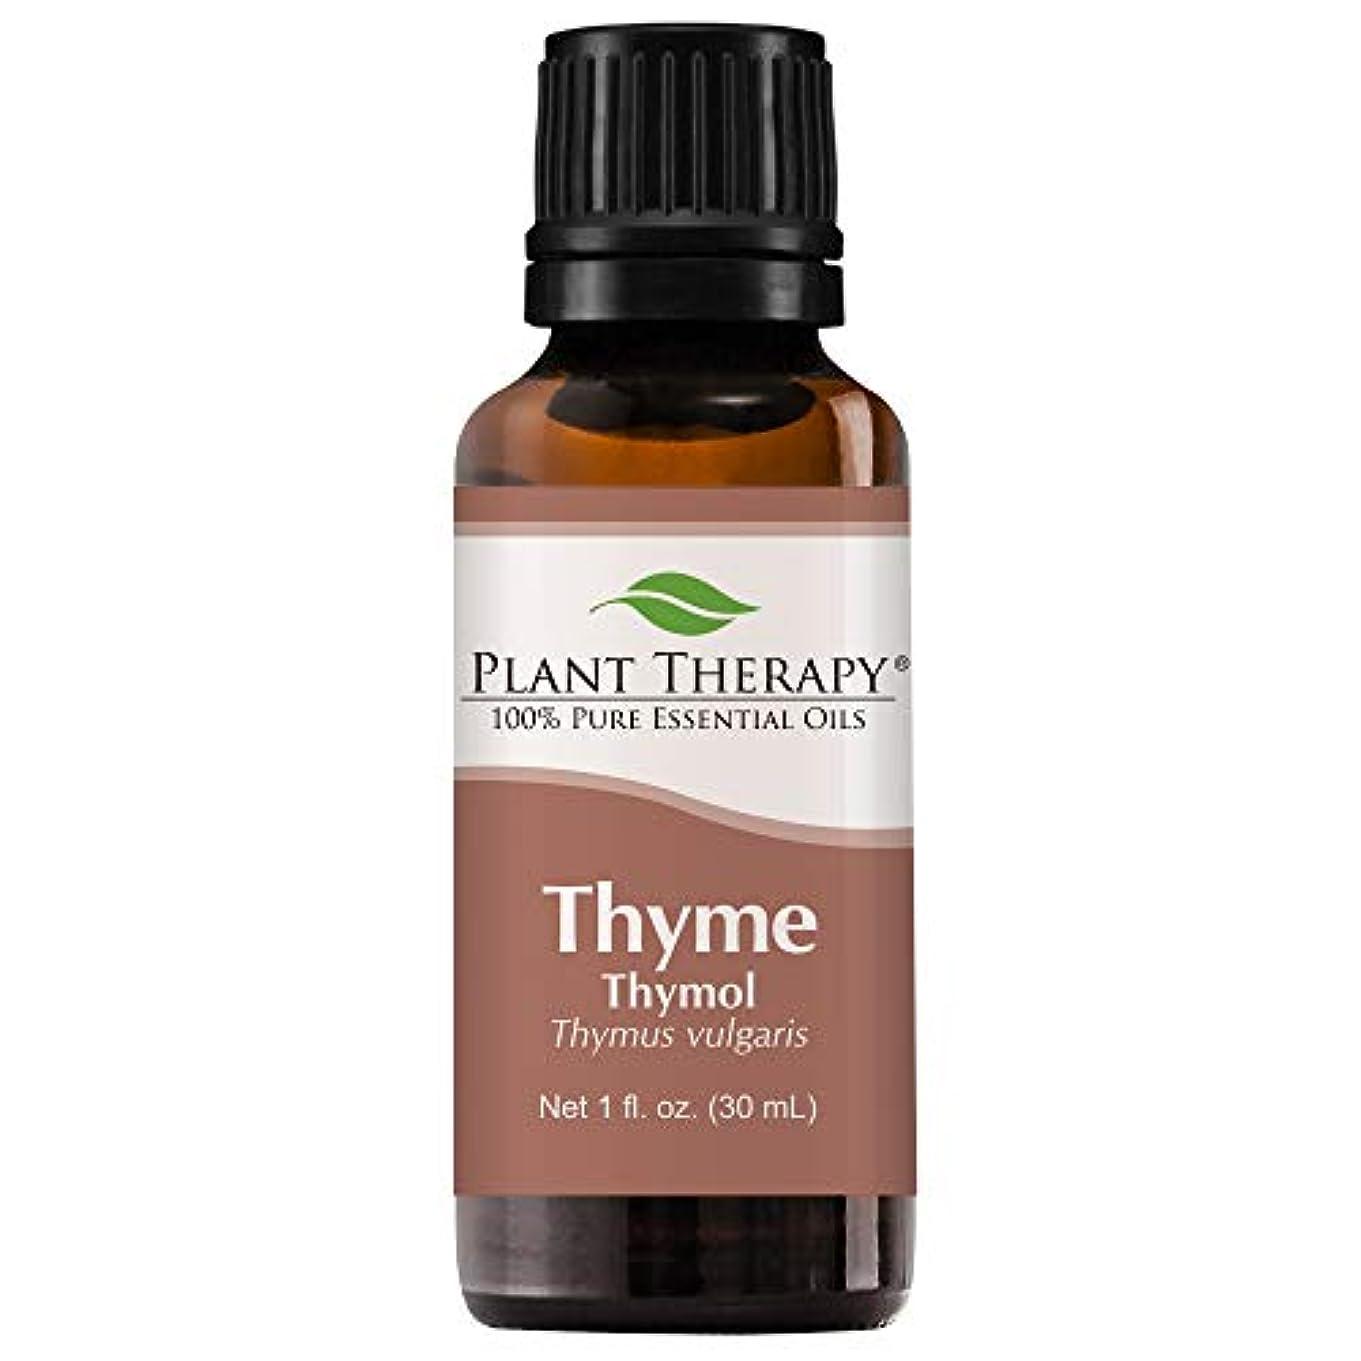 投げる開拓者助手Plant Therapy Thyme Thymol Essential Oil. 100% Pure, Undiluted, Therapeutic Grade. 30 ml (1 oz). by Plant Therapy...